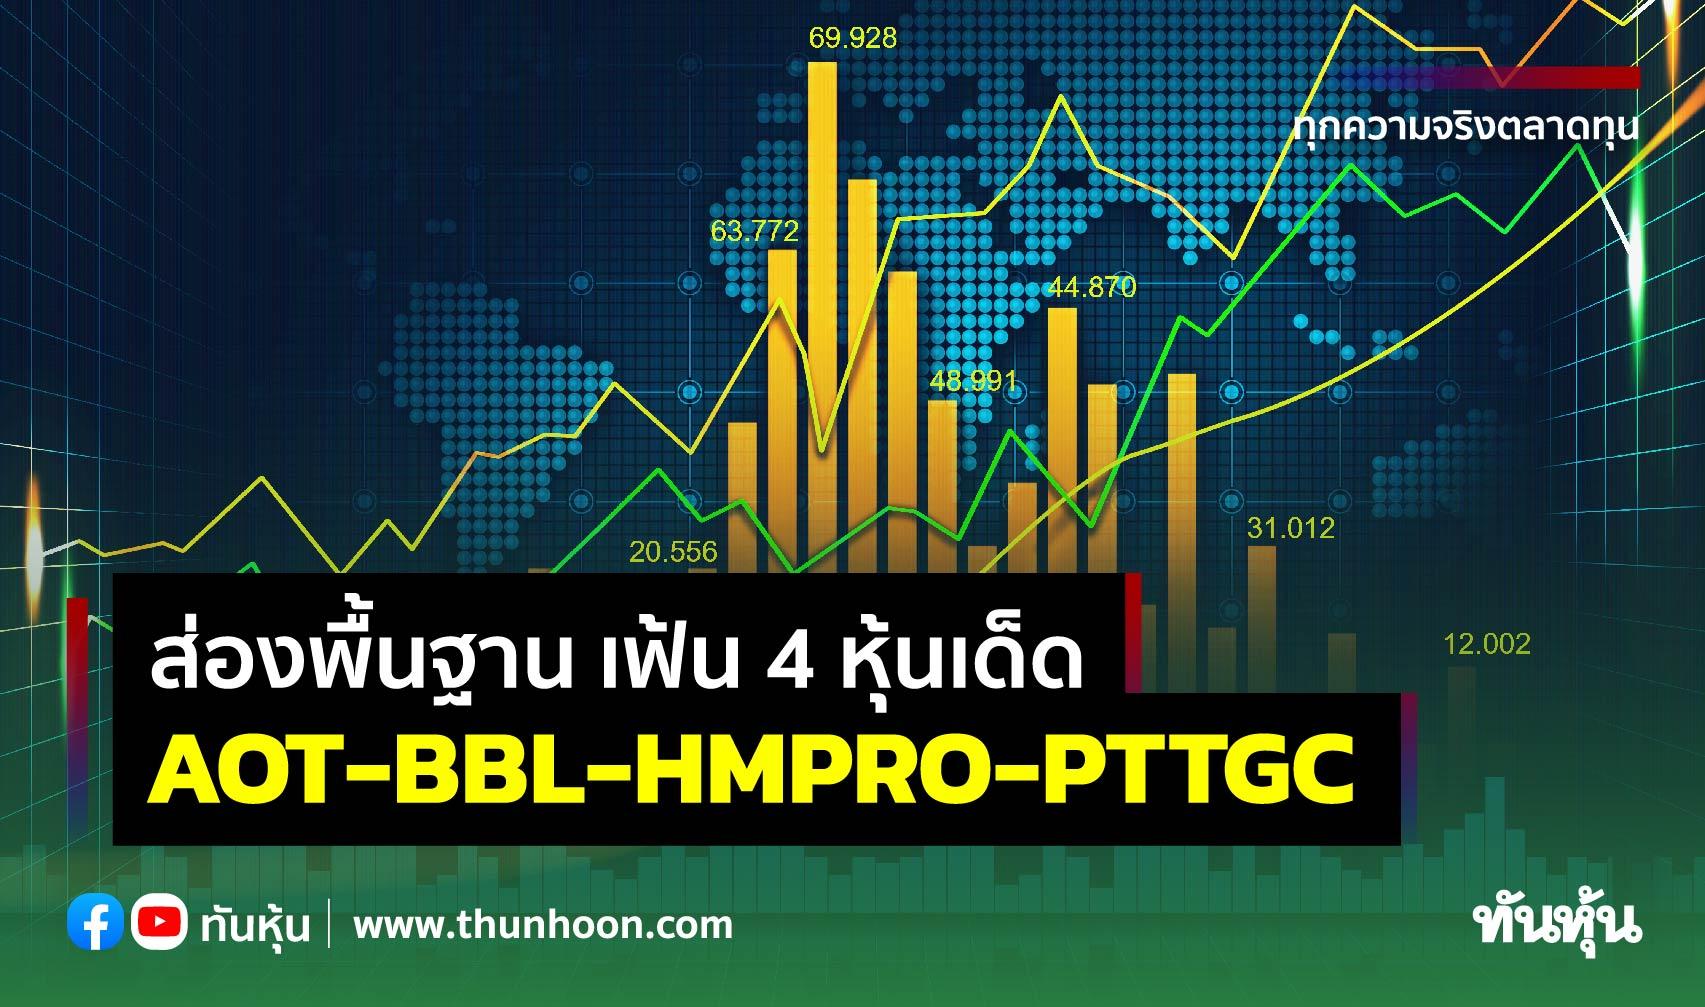 ส่องพื้นฐาน เฟ้น 4 หุ้นเด็ด AOT-BBL-HMPRO-PTTGC